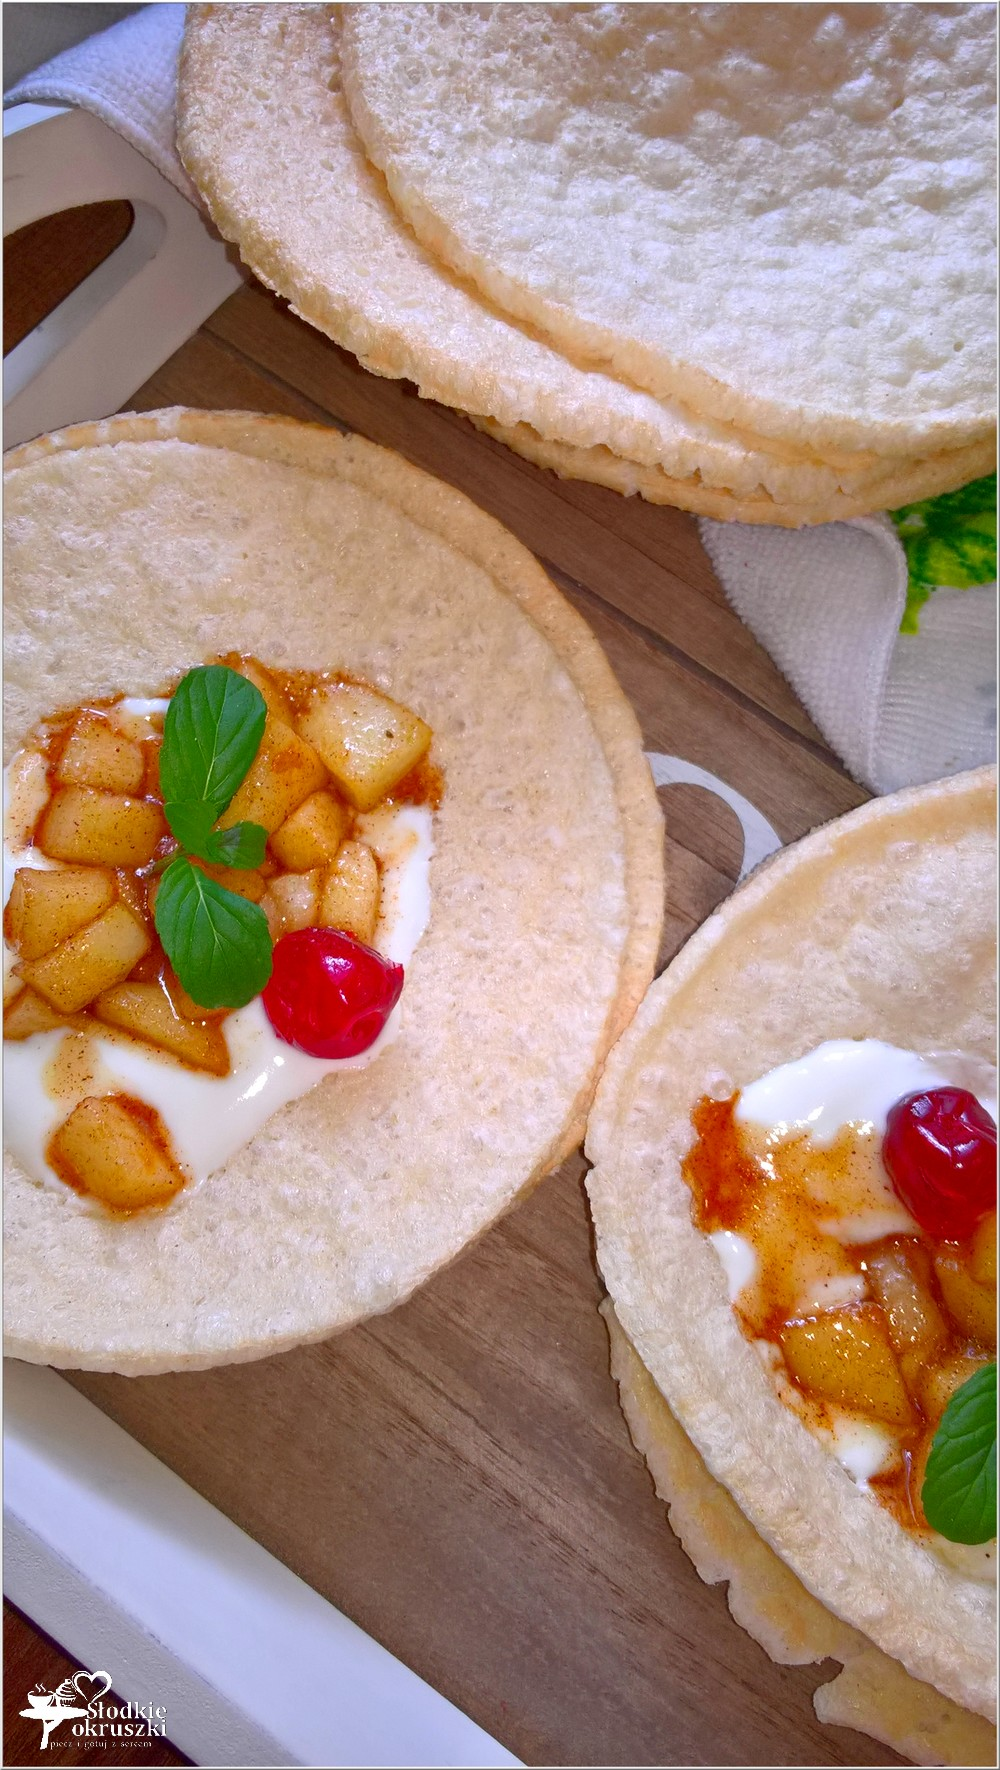 Szybki deser z cynamonowym jabłuszkiem na chrupiących waflach (2)